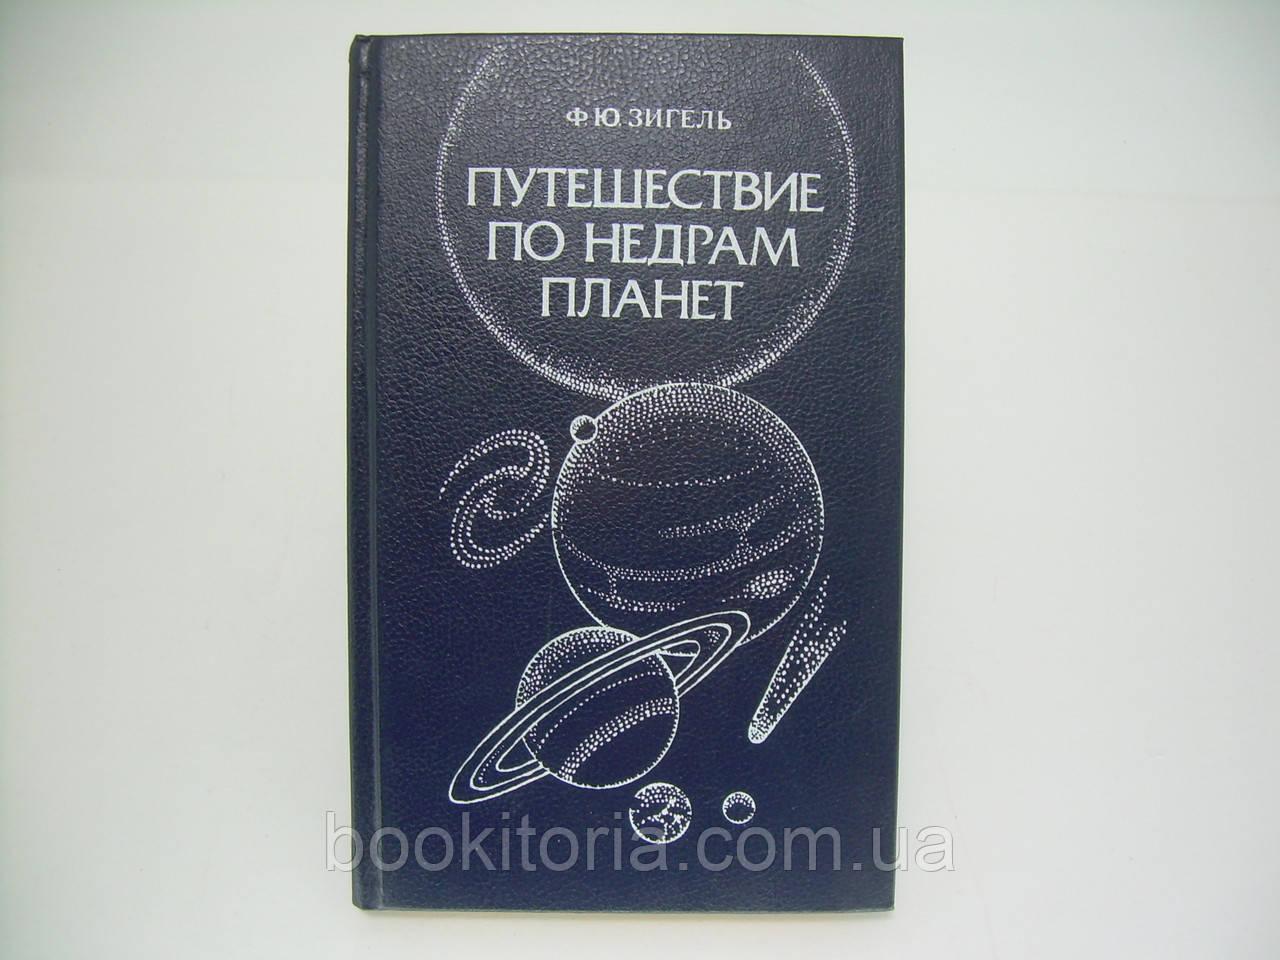 Зигель Ф.Ю. Путешествие по недрам планет (б/у).